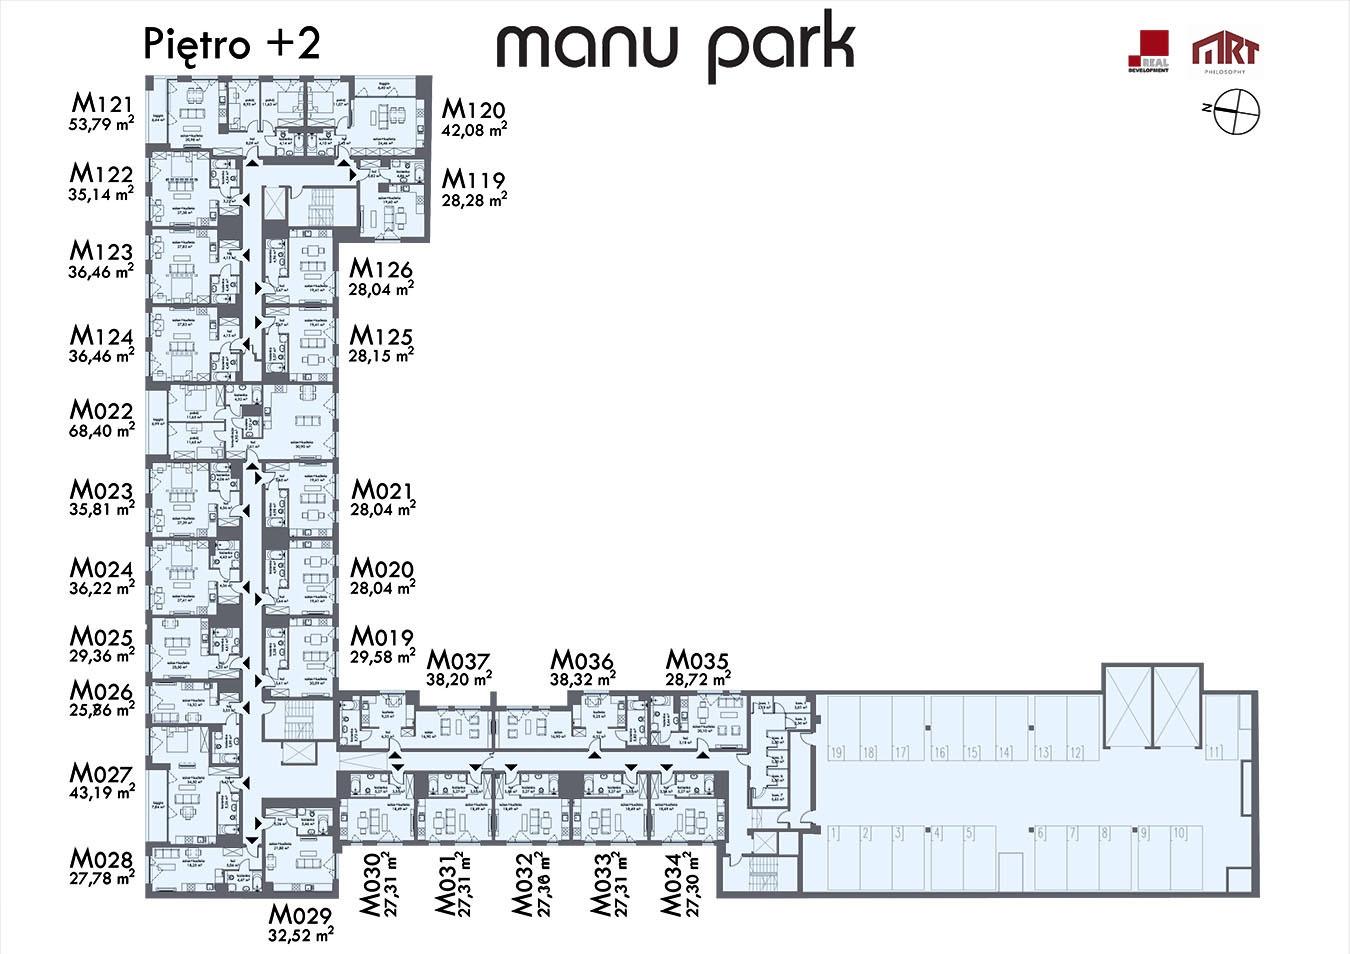 MANU PARK - Piętro 2